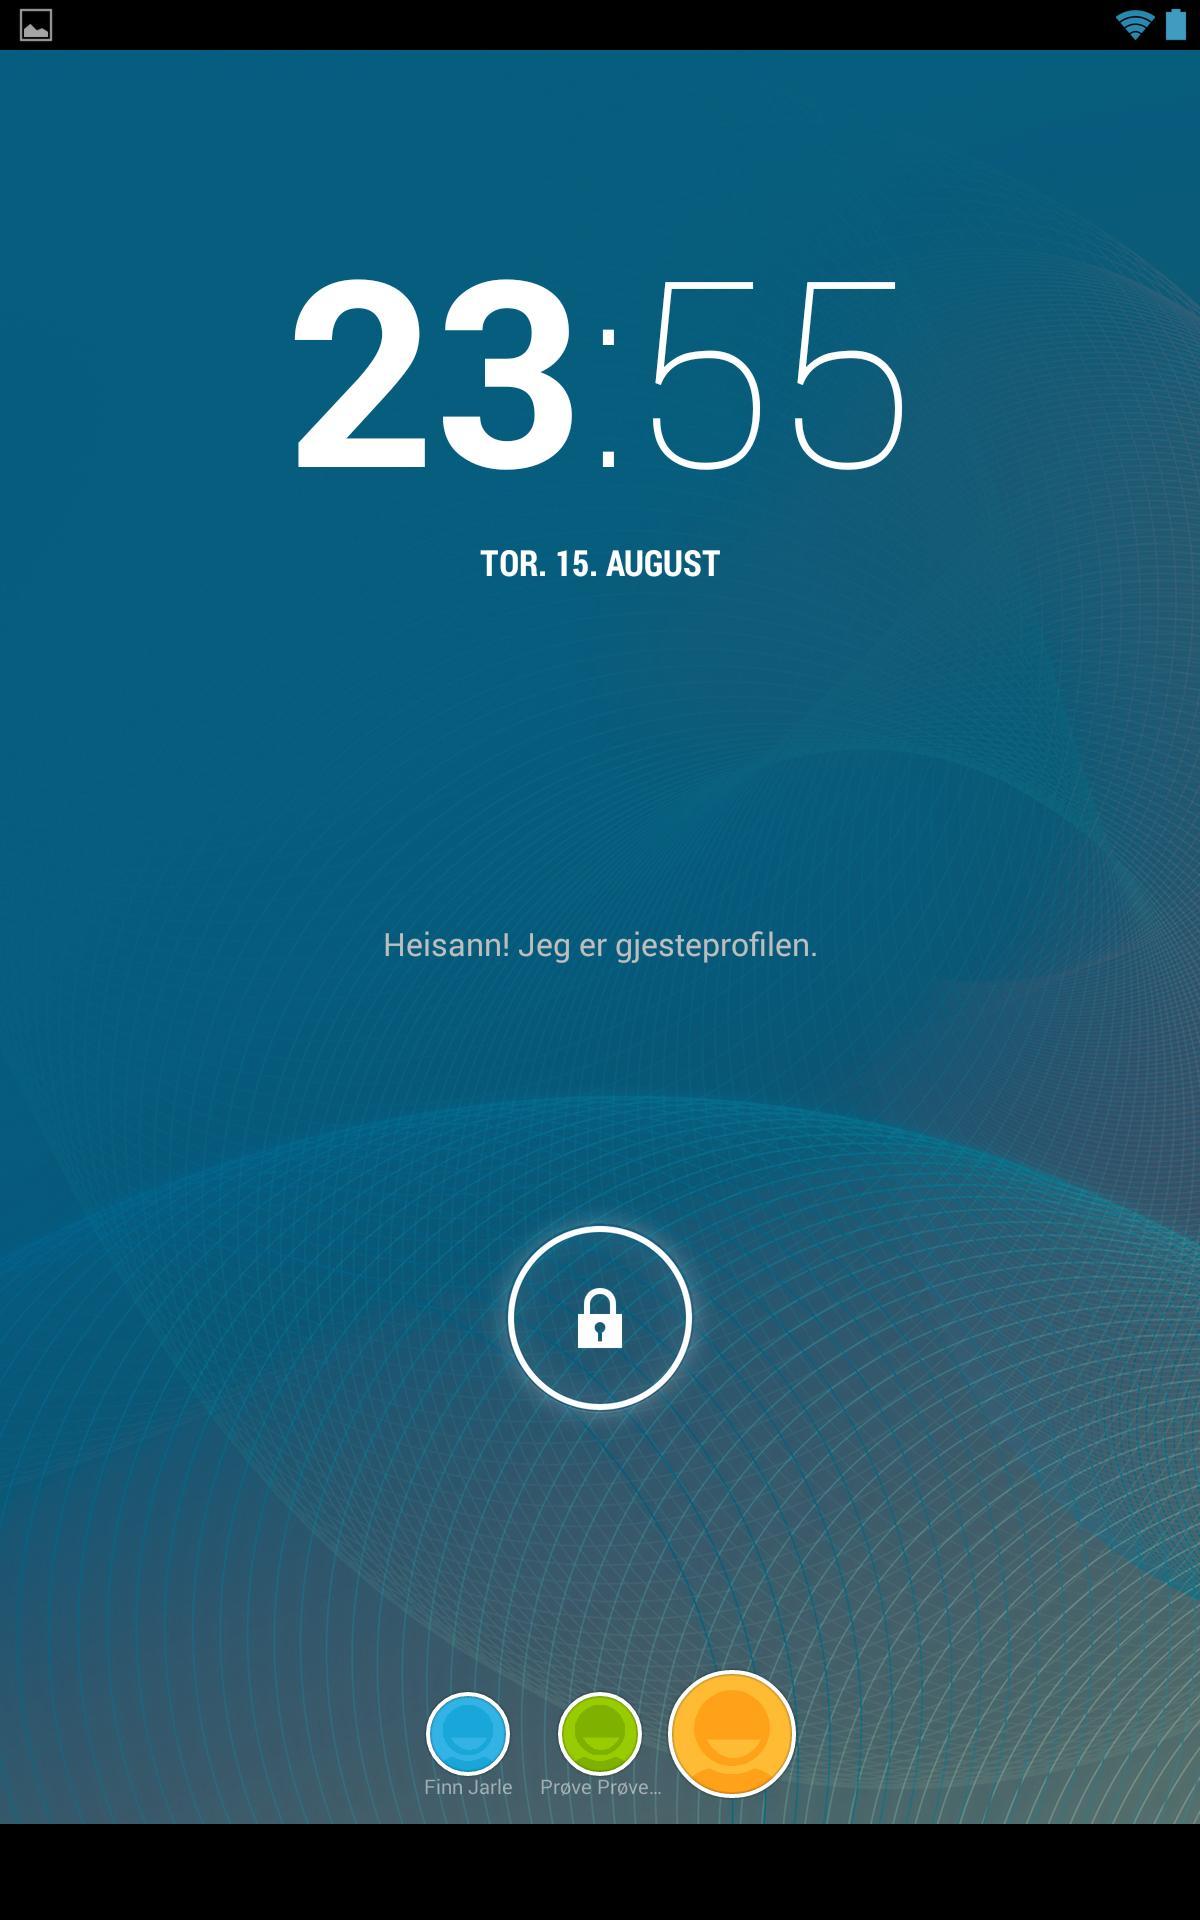 ... og slik ser låseskjermen ut når du har lagt inn flere kontoer.Foto: Finn Jarle Kvalheim, Amobil.no